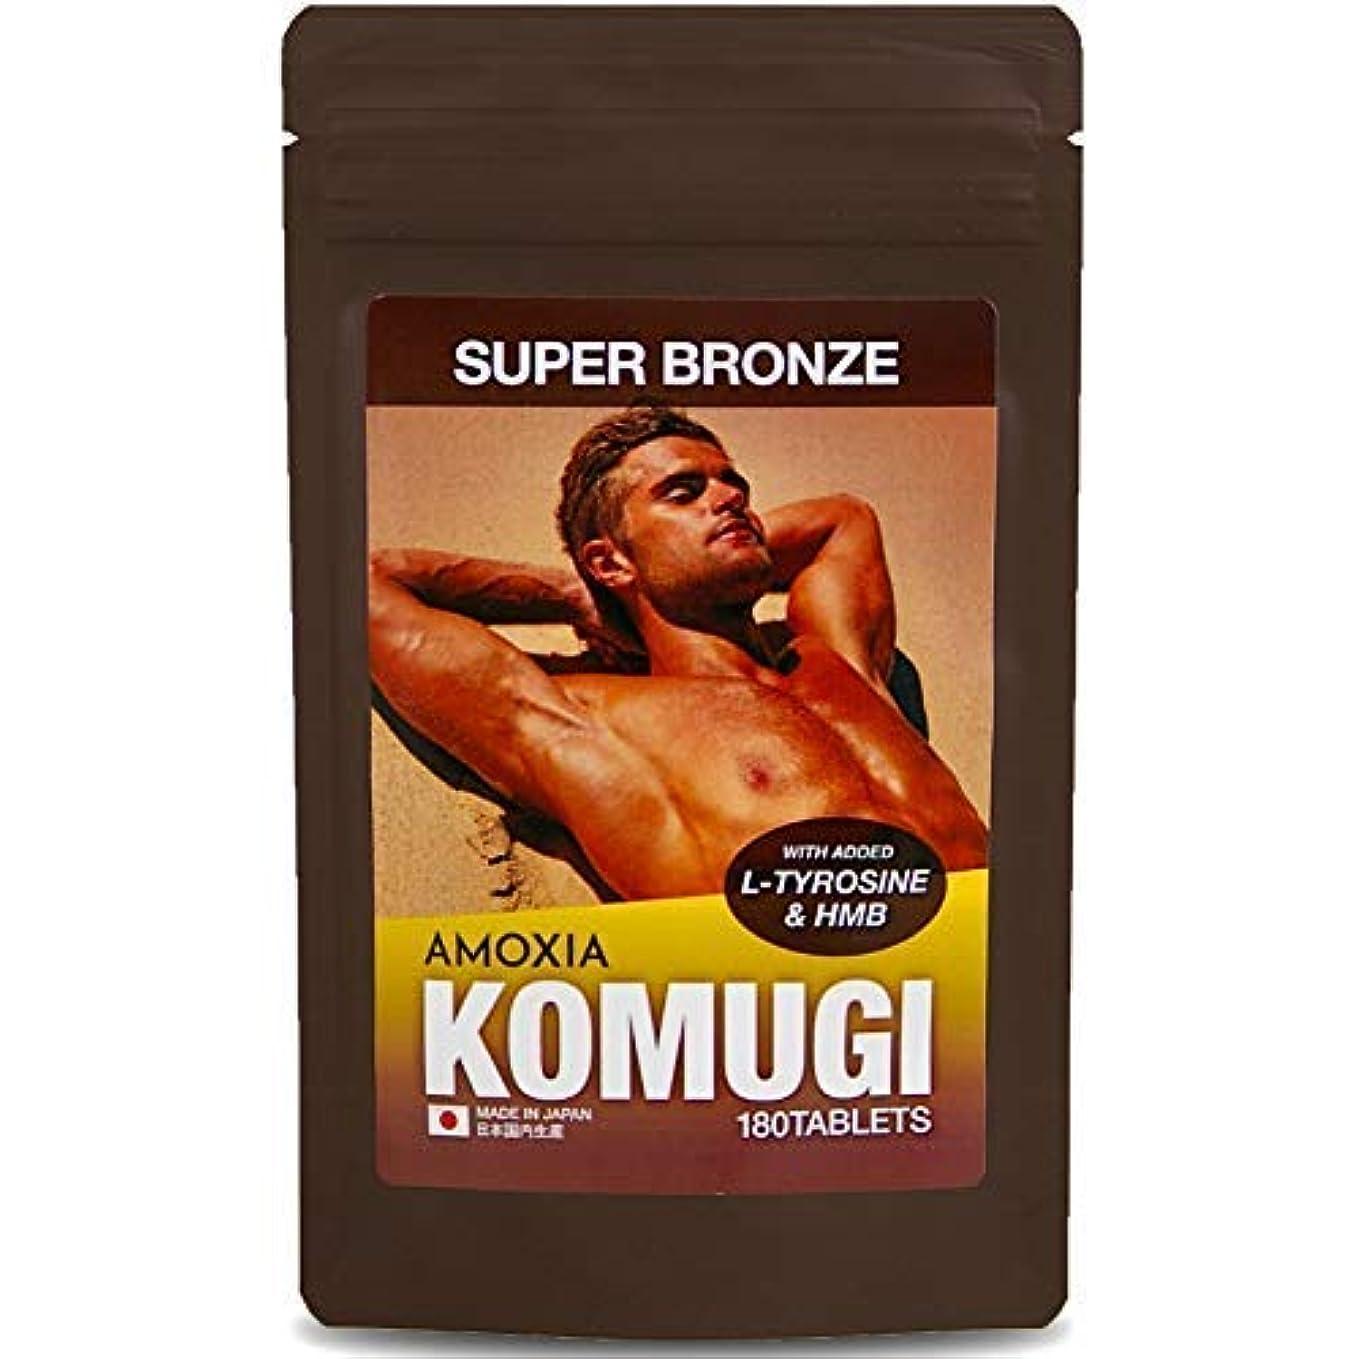 ヒステリック適合数学的なKOMUGI 日焼けと筋肉増強で新発想の飲むタンニング タンニングサプリメント 安心の国産 HMB配合 国産シェア100%